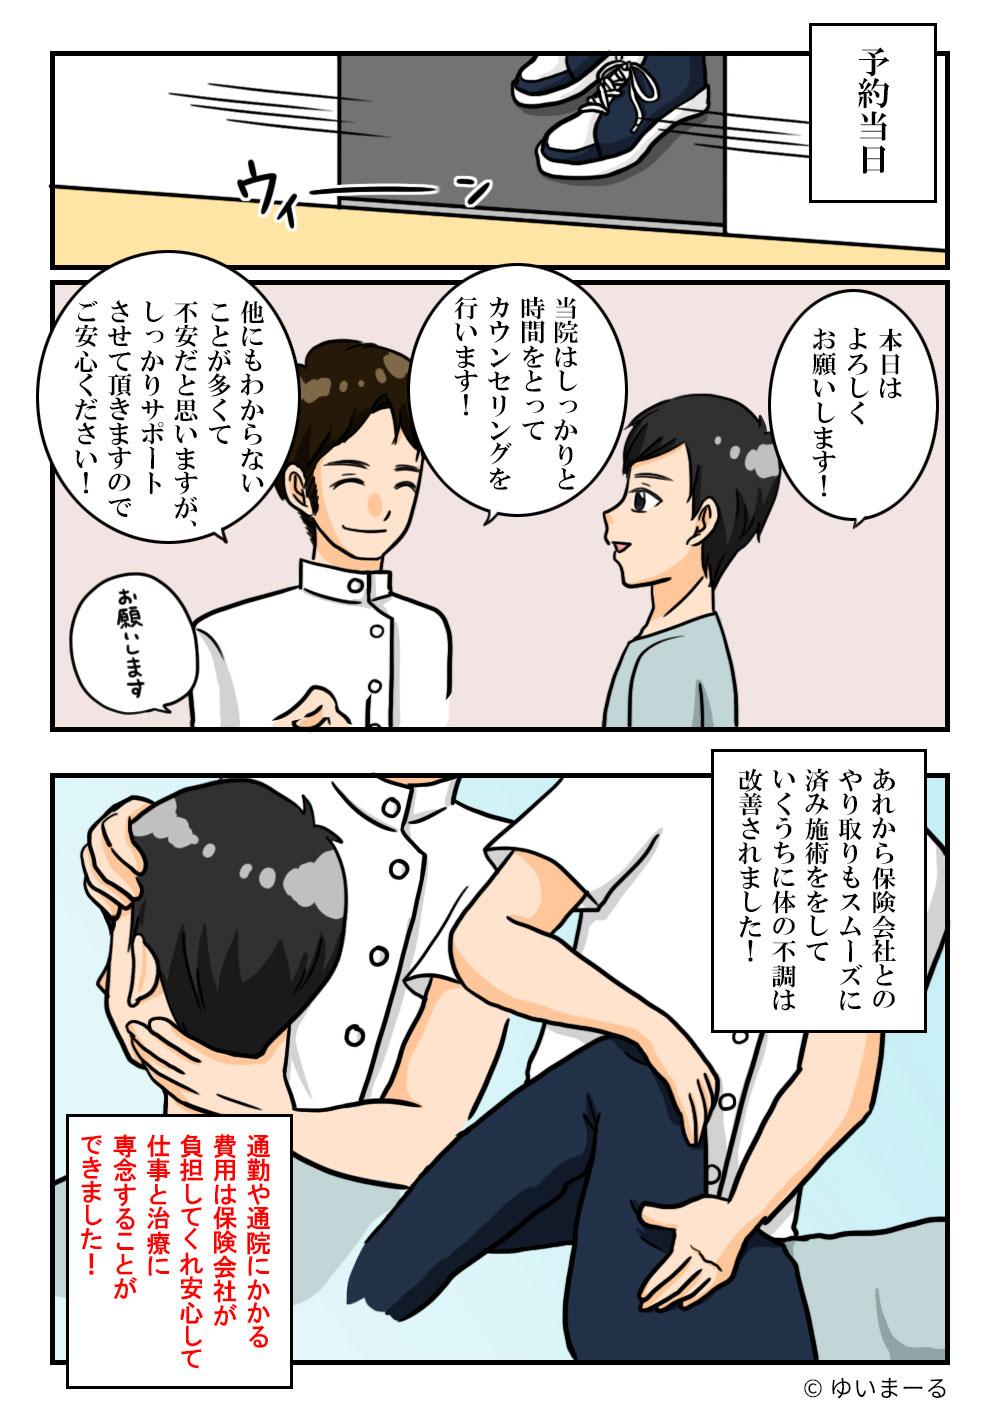 漫画5-4